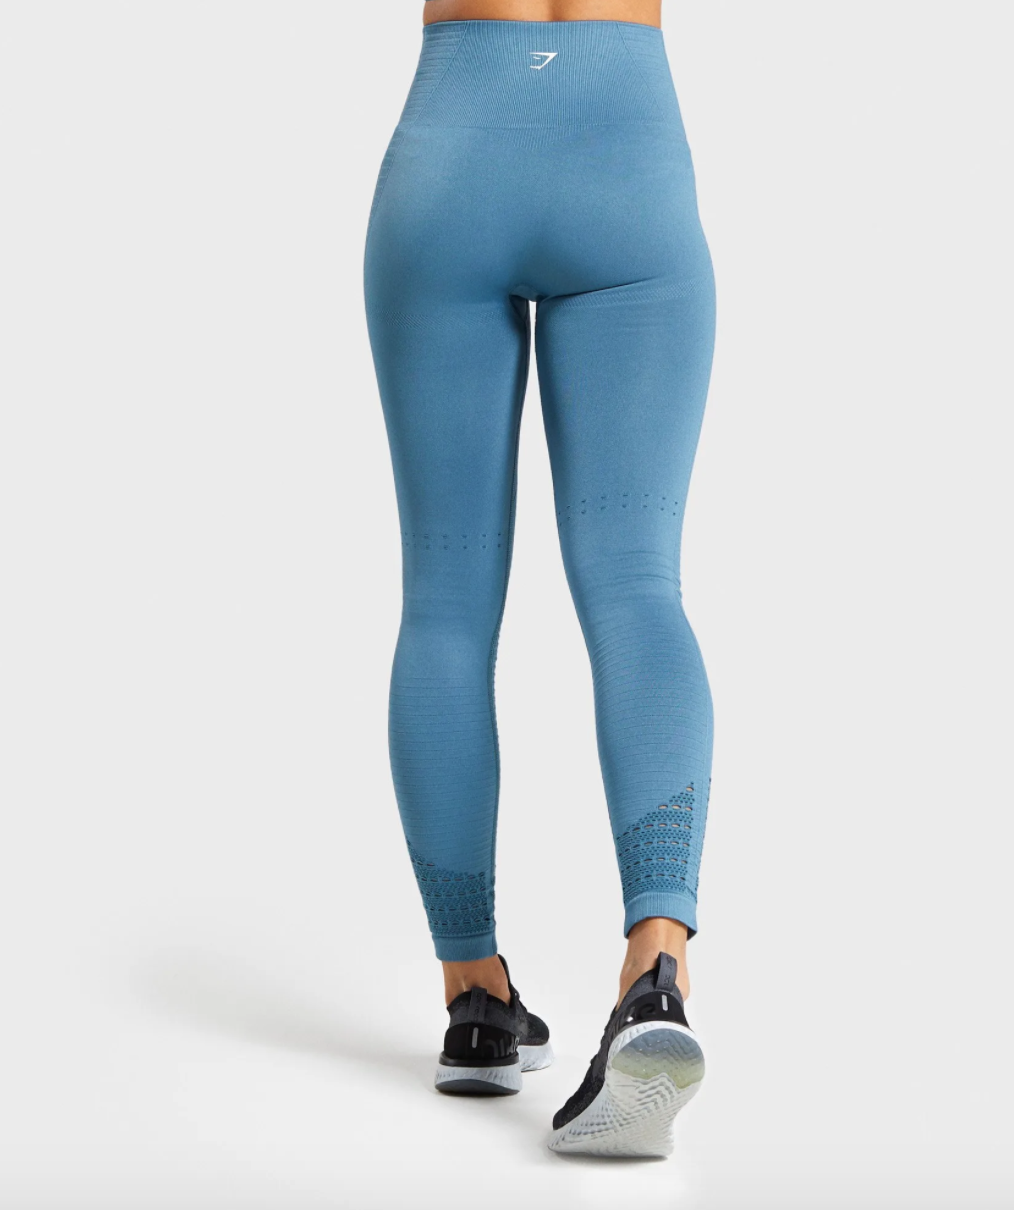 20 Best Butt Lifting Leggings To Buy